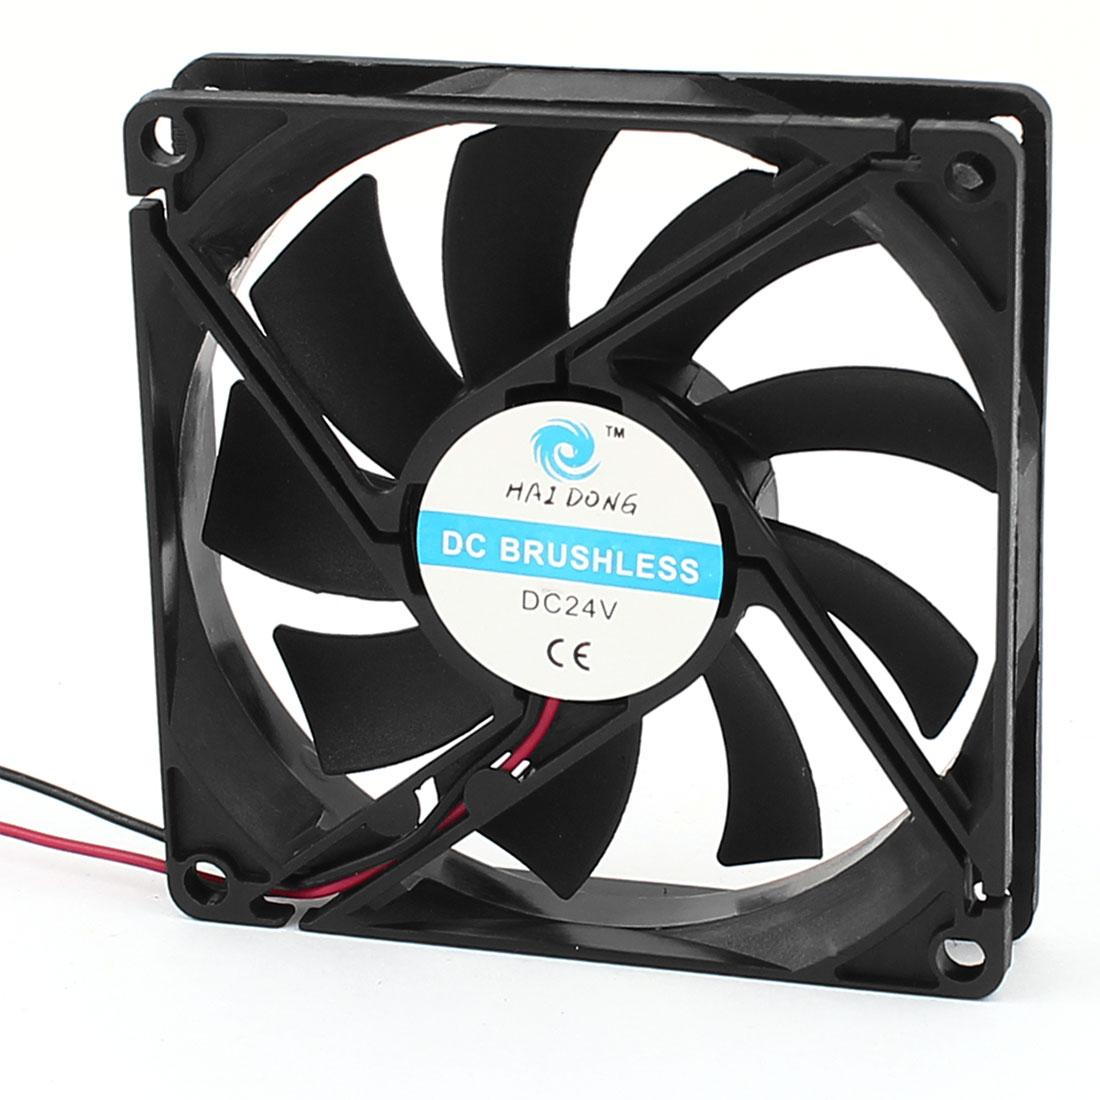 80mm x 15mm 8015 2pole DC 24V Brushless PC Case Cooling Fan w Dustproof Mesh